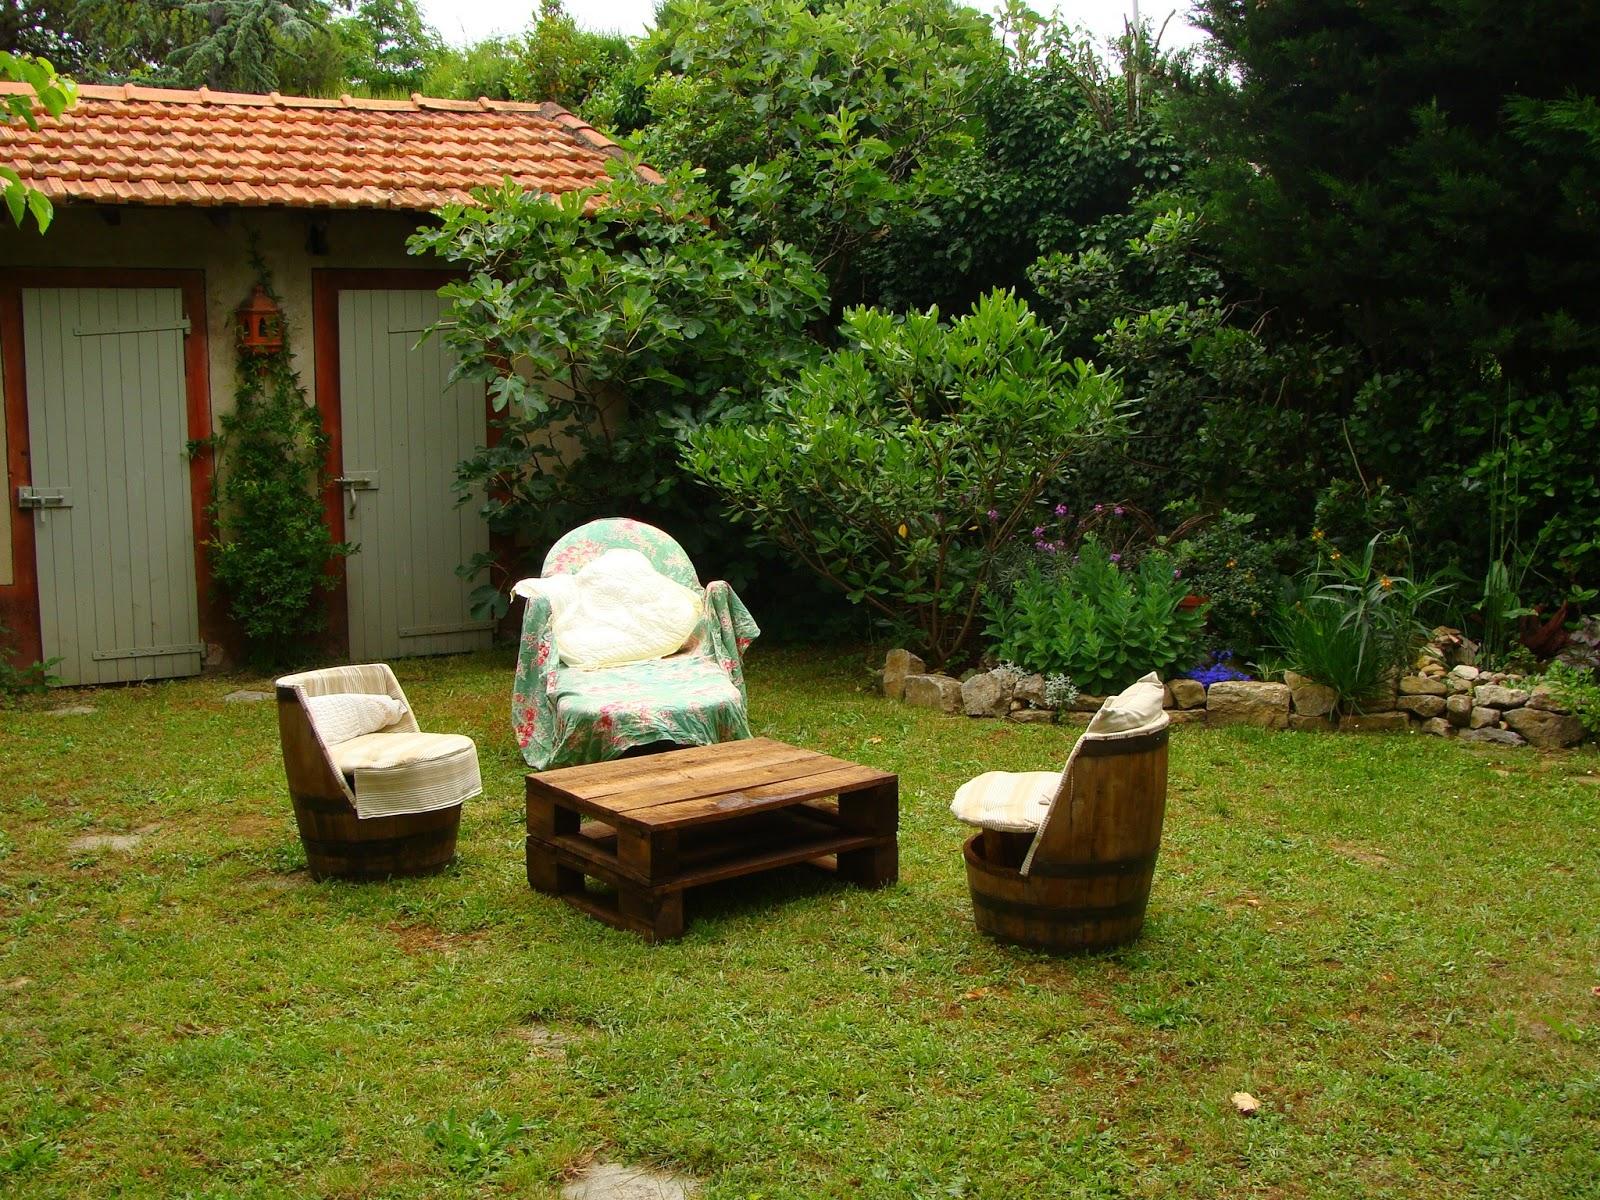 Complet salon de jardin en tonneau jj98 humatraffin - Salon de jardin en tonneau ...